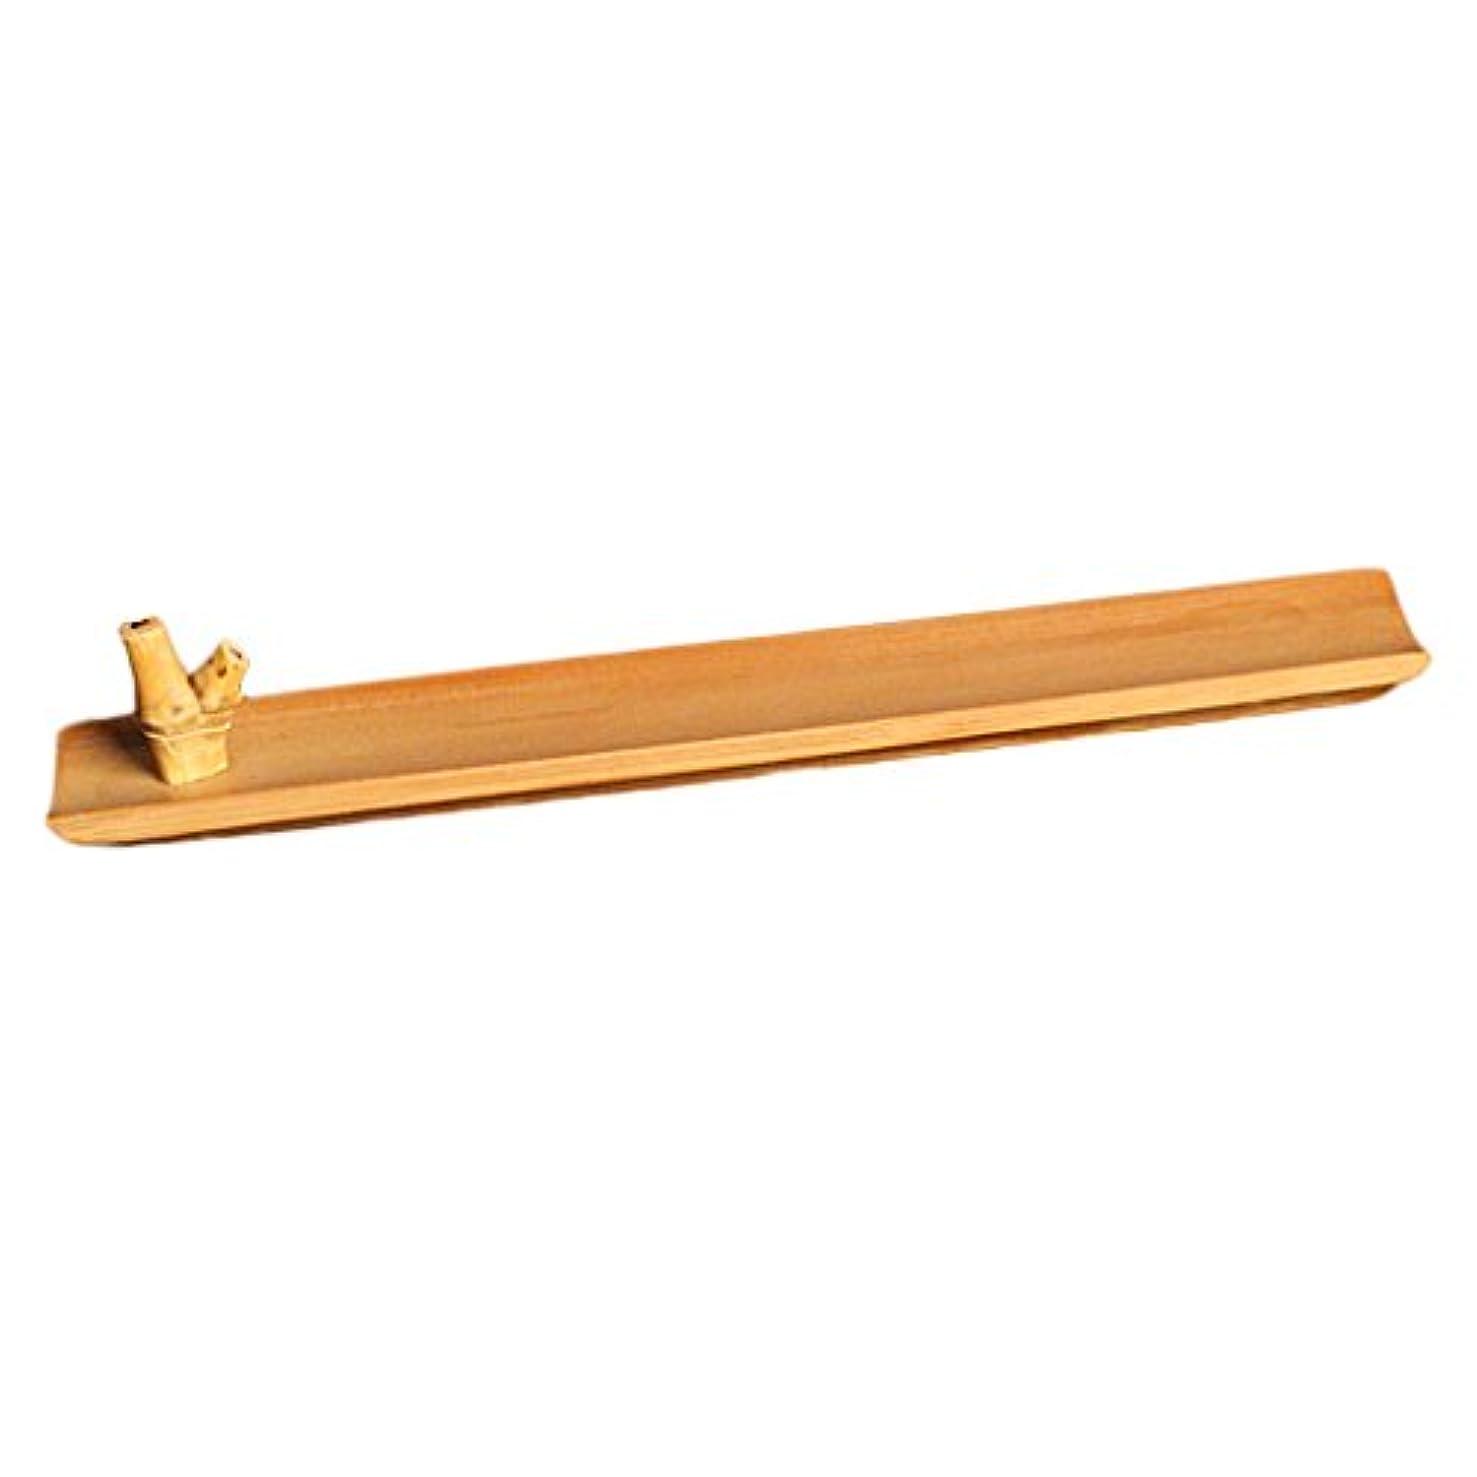 刈る使役浸した竹 お香立て スティック 香 ホルダー バーナースティック 手作り 工芸品 アロマセラピー、ヨガ、レイキ、マッサージ、太極拳、瞑想の愛好家に最適